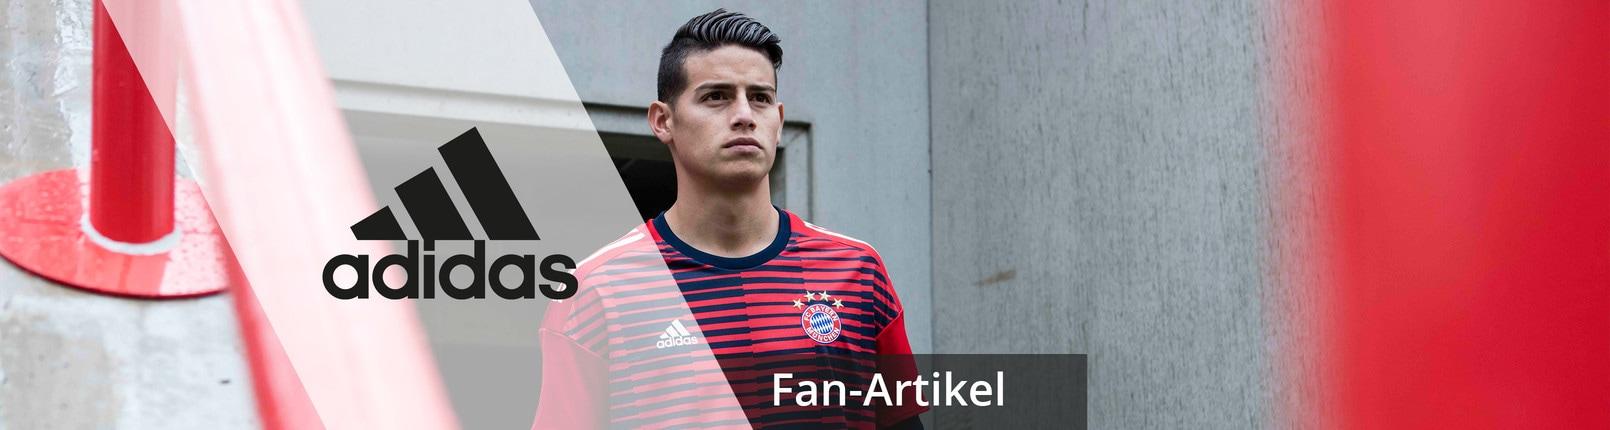 Adidas Fan Artikel